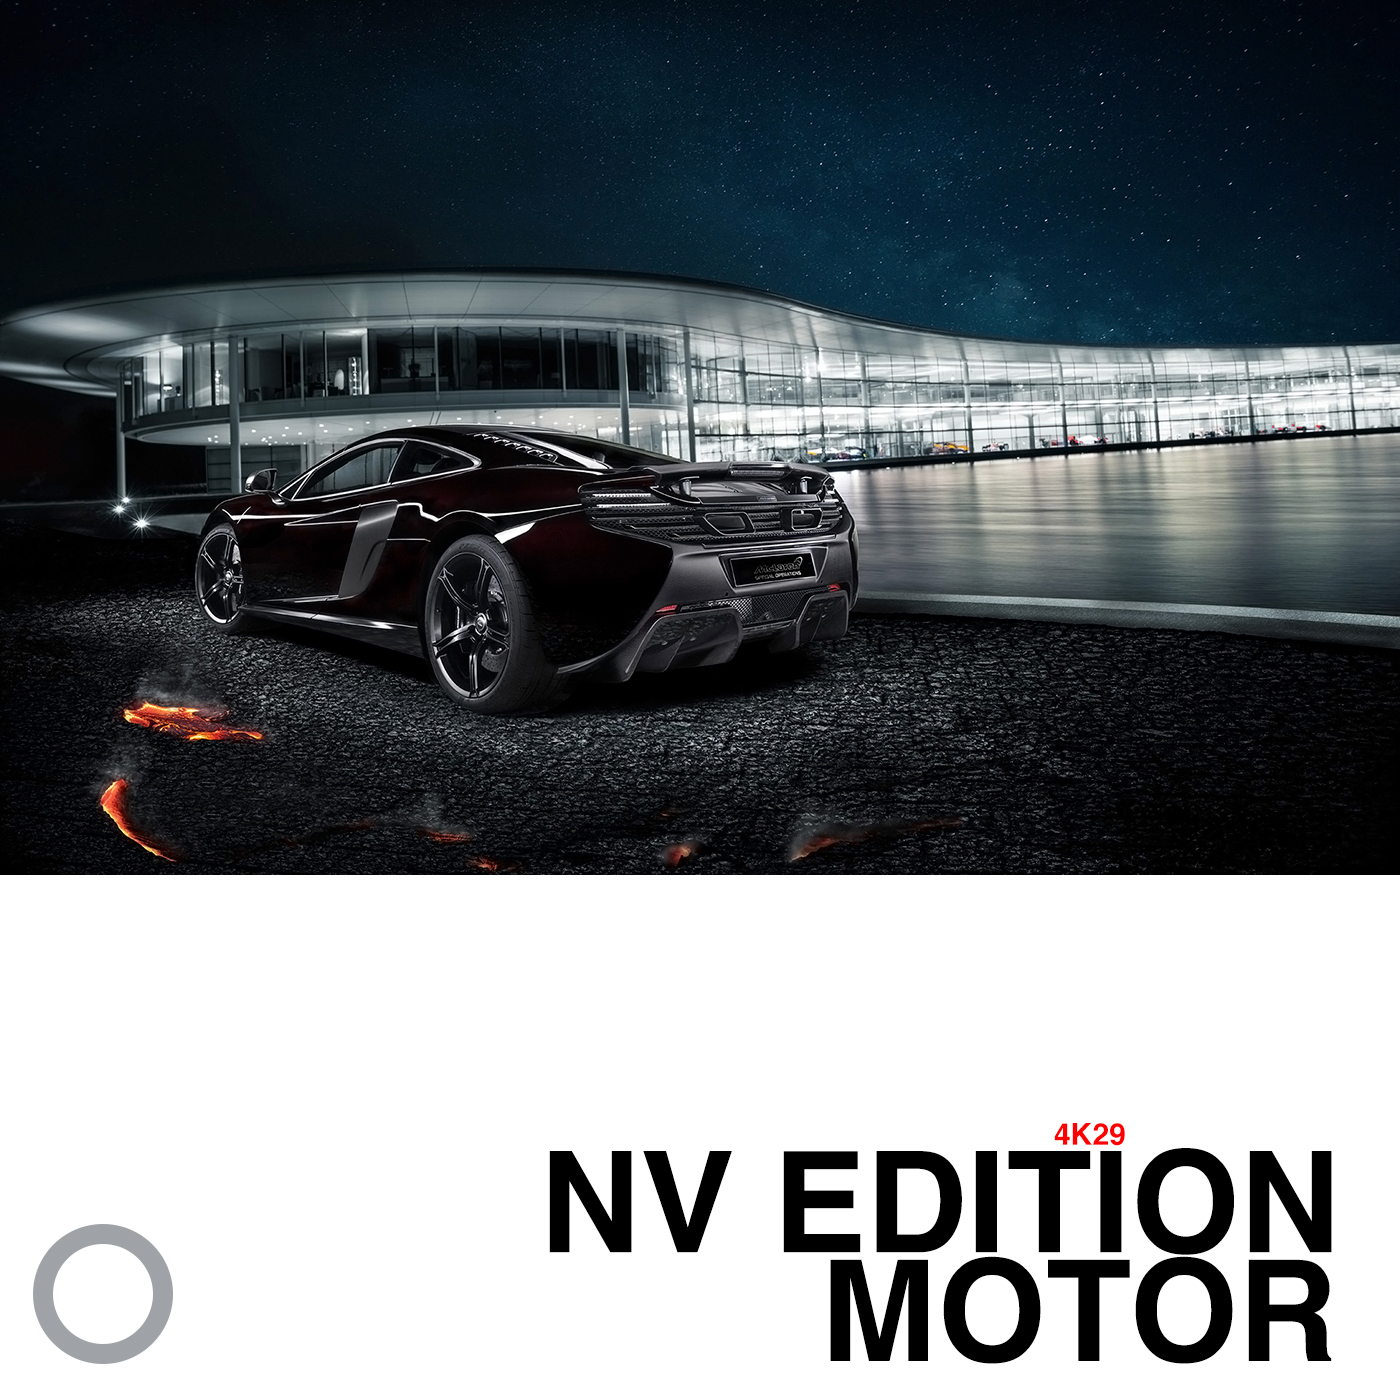 NV EDITION MOTOR 4K29